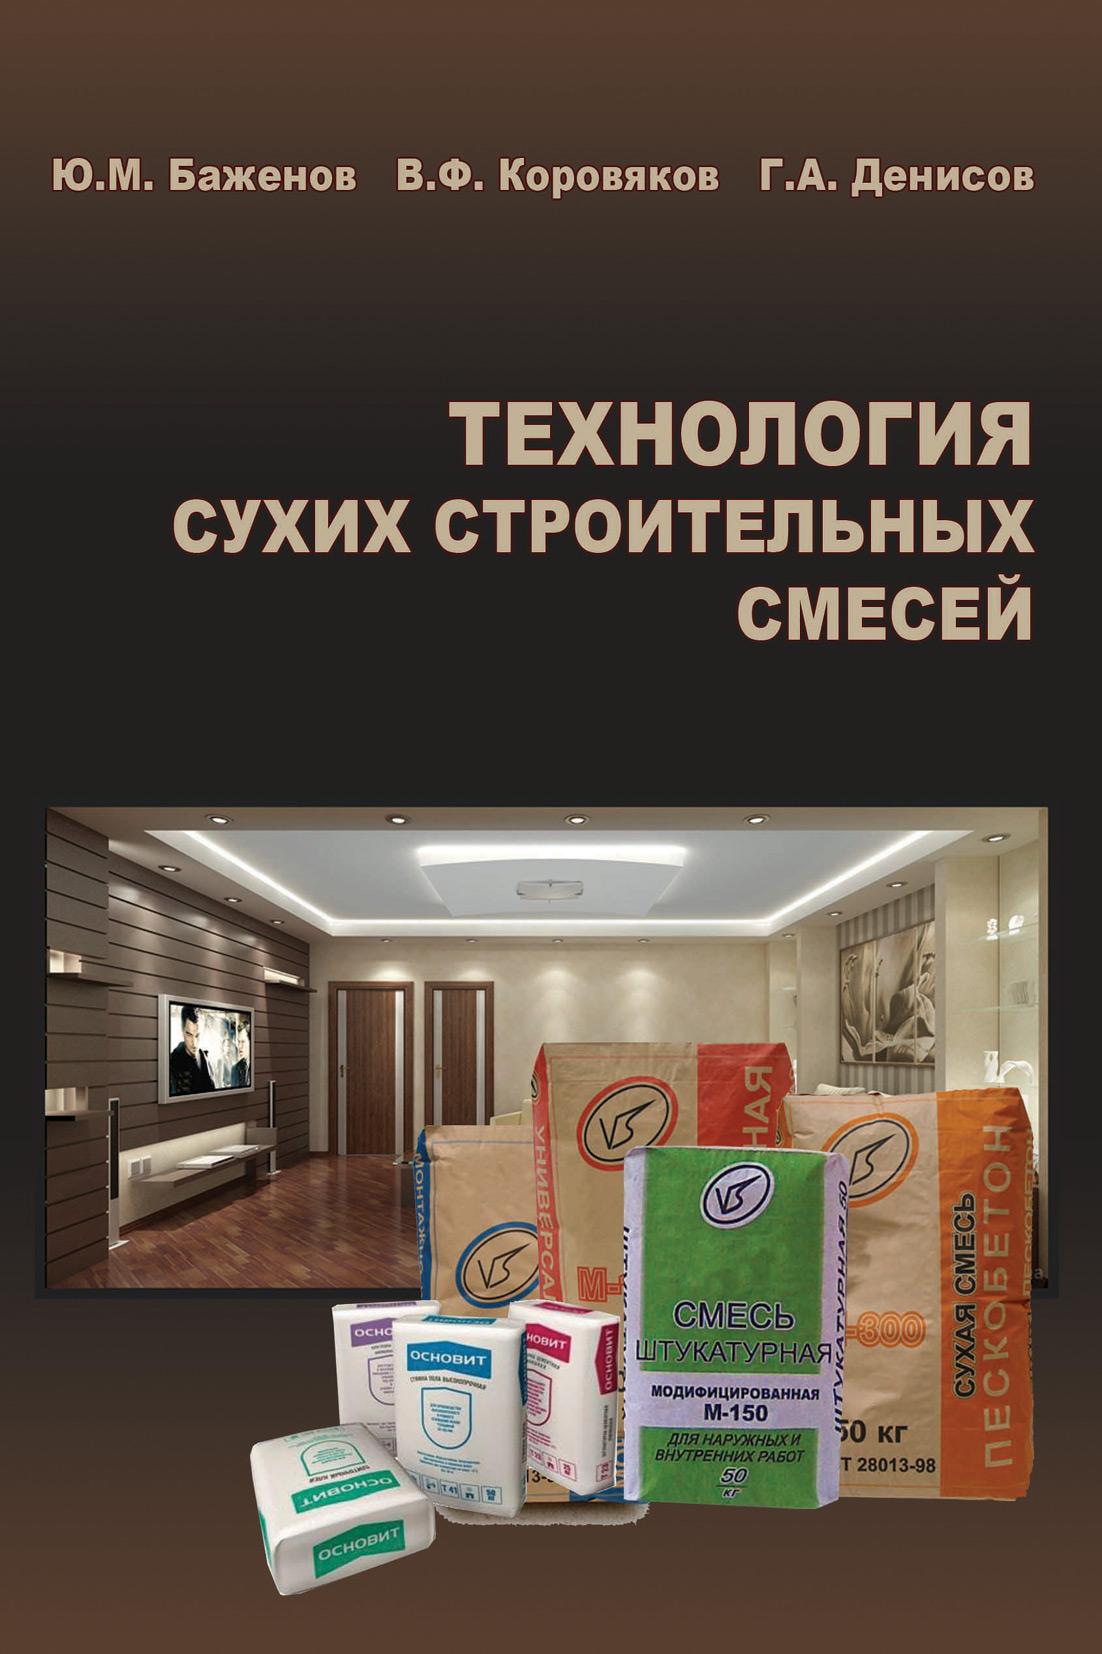 Ю. М. Баженов Технология сухих строительных смесей удалитель строительных растворов mastergood 1л